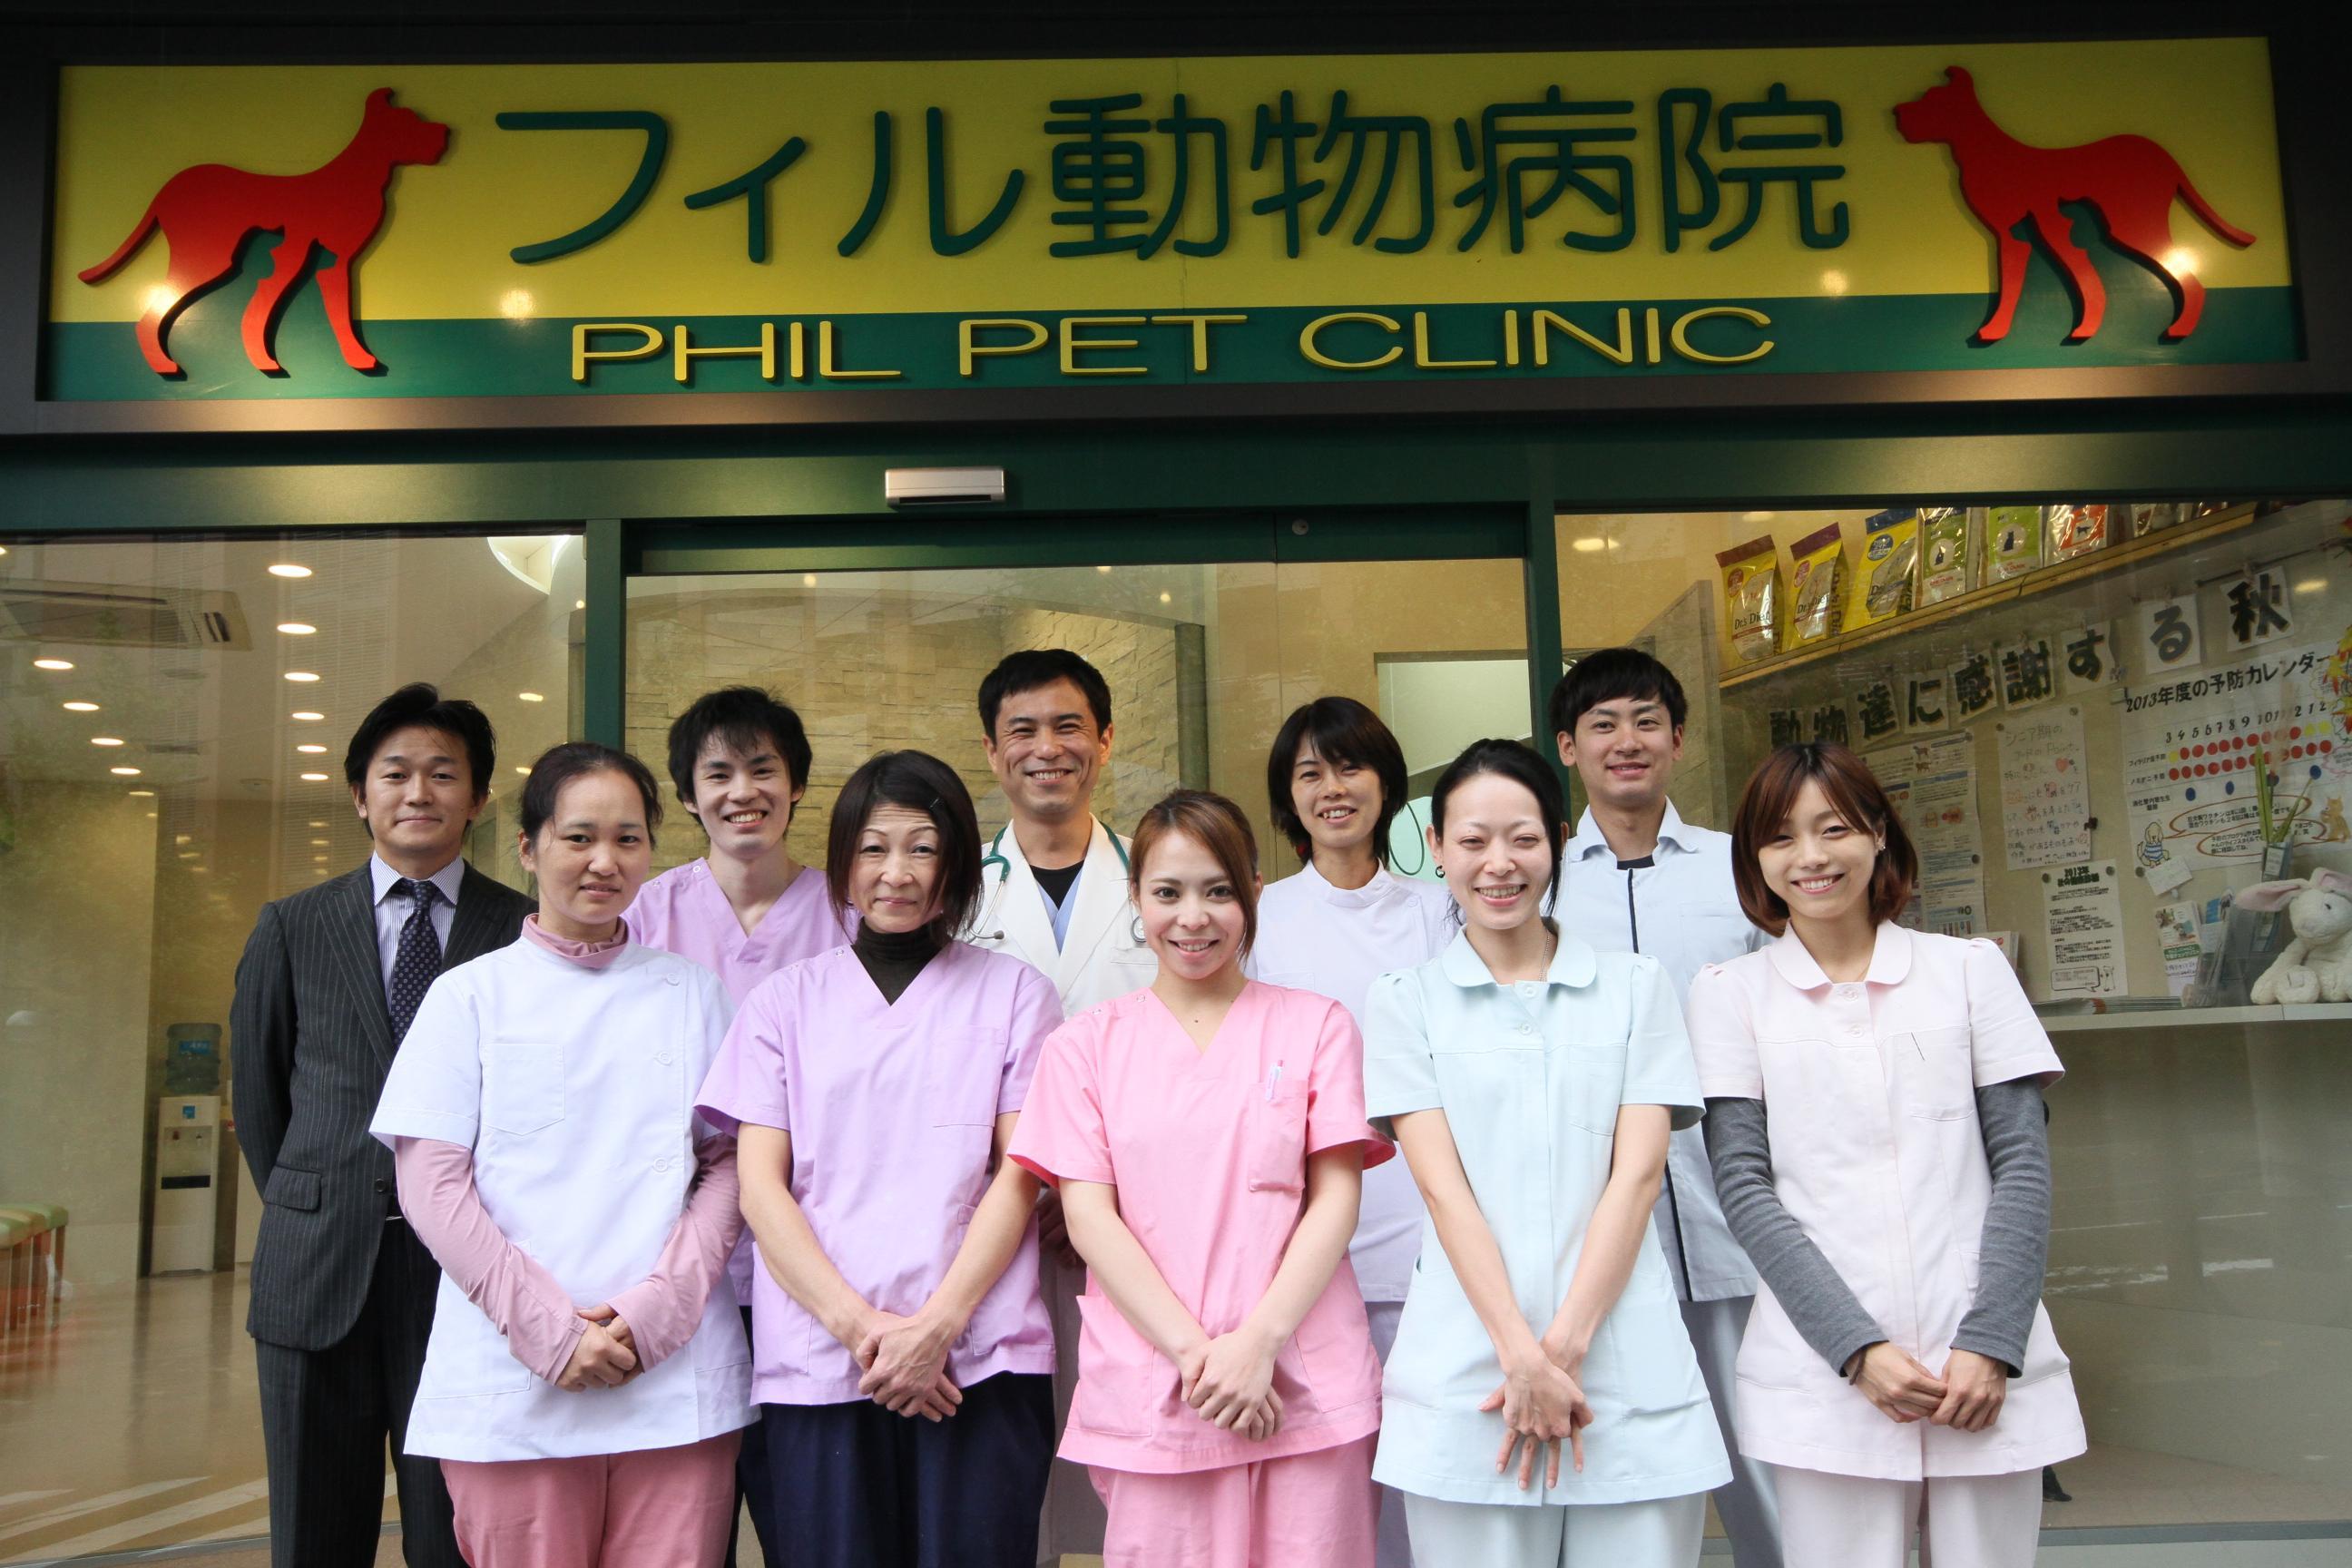 横浜市 動物看護師募集